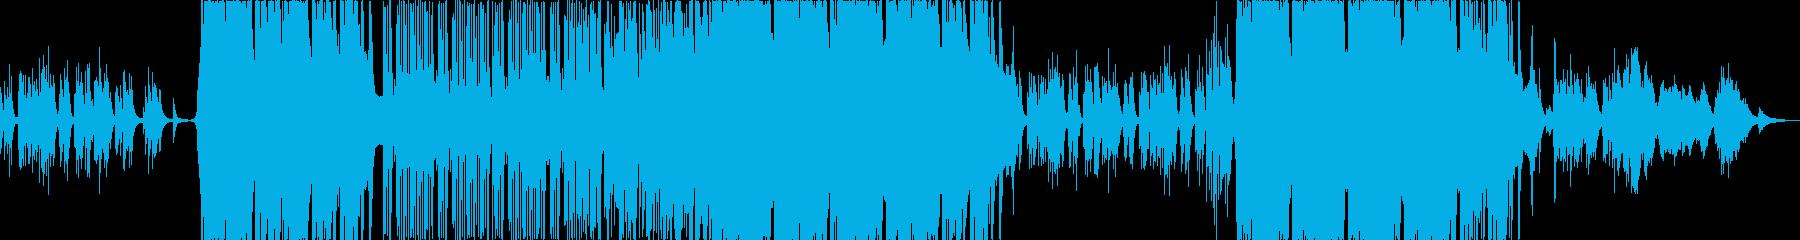 雪国をイメージした和風ピアノBGMの再生済みの波形